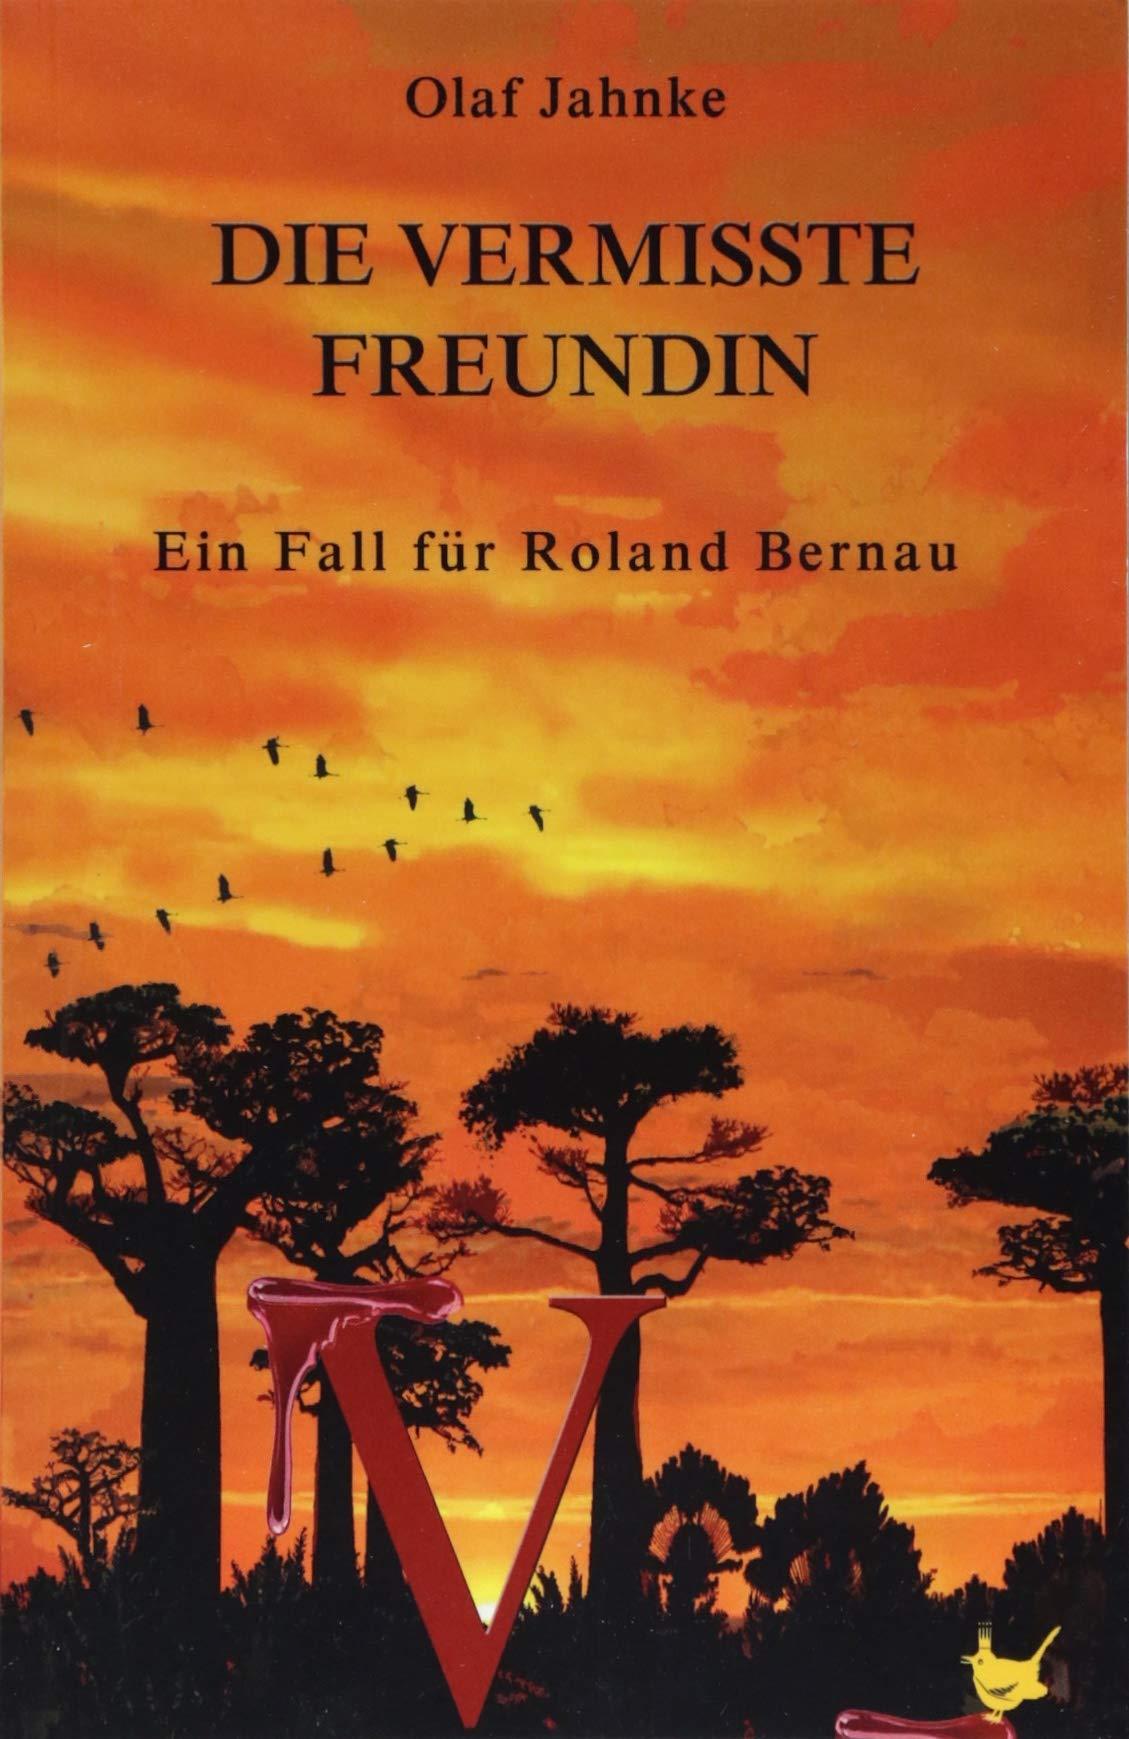 Die vermisste Freundin: Ein Fall für Roland Bernau